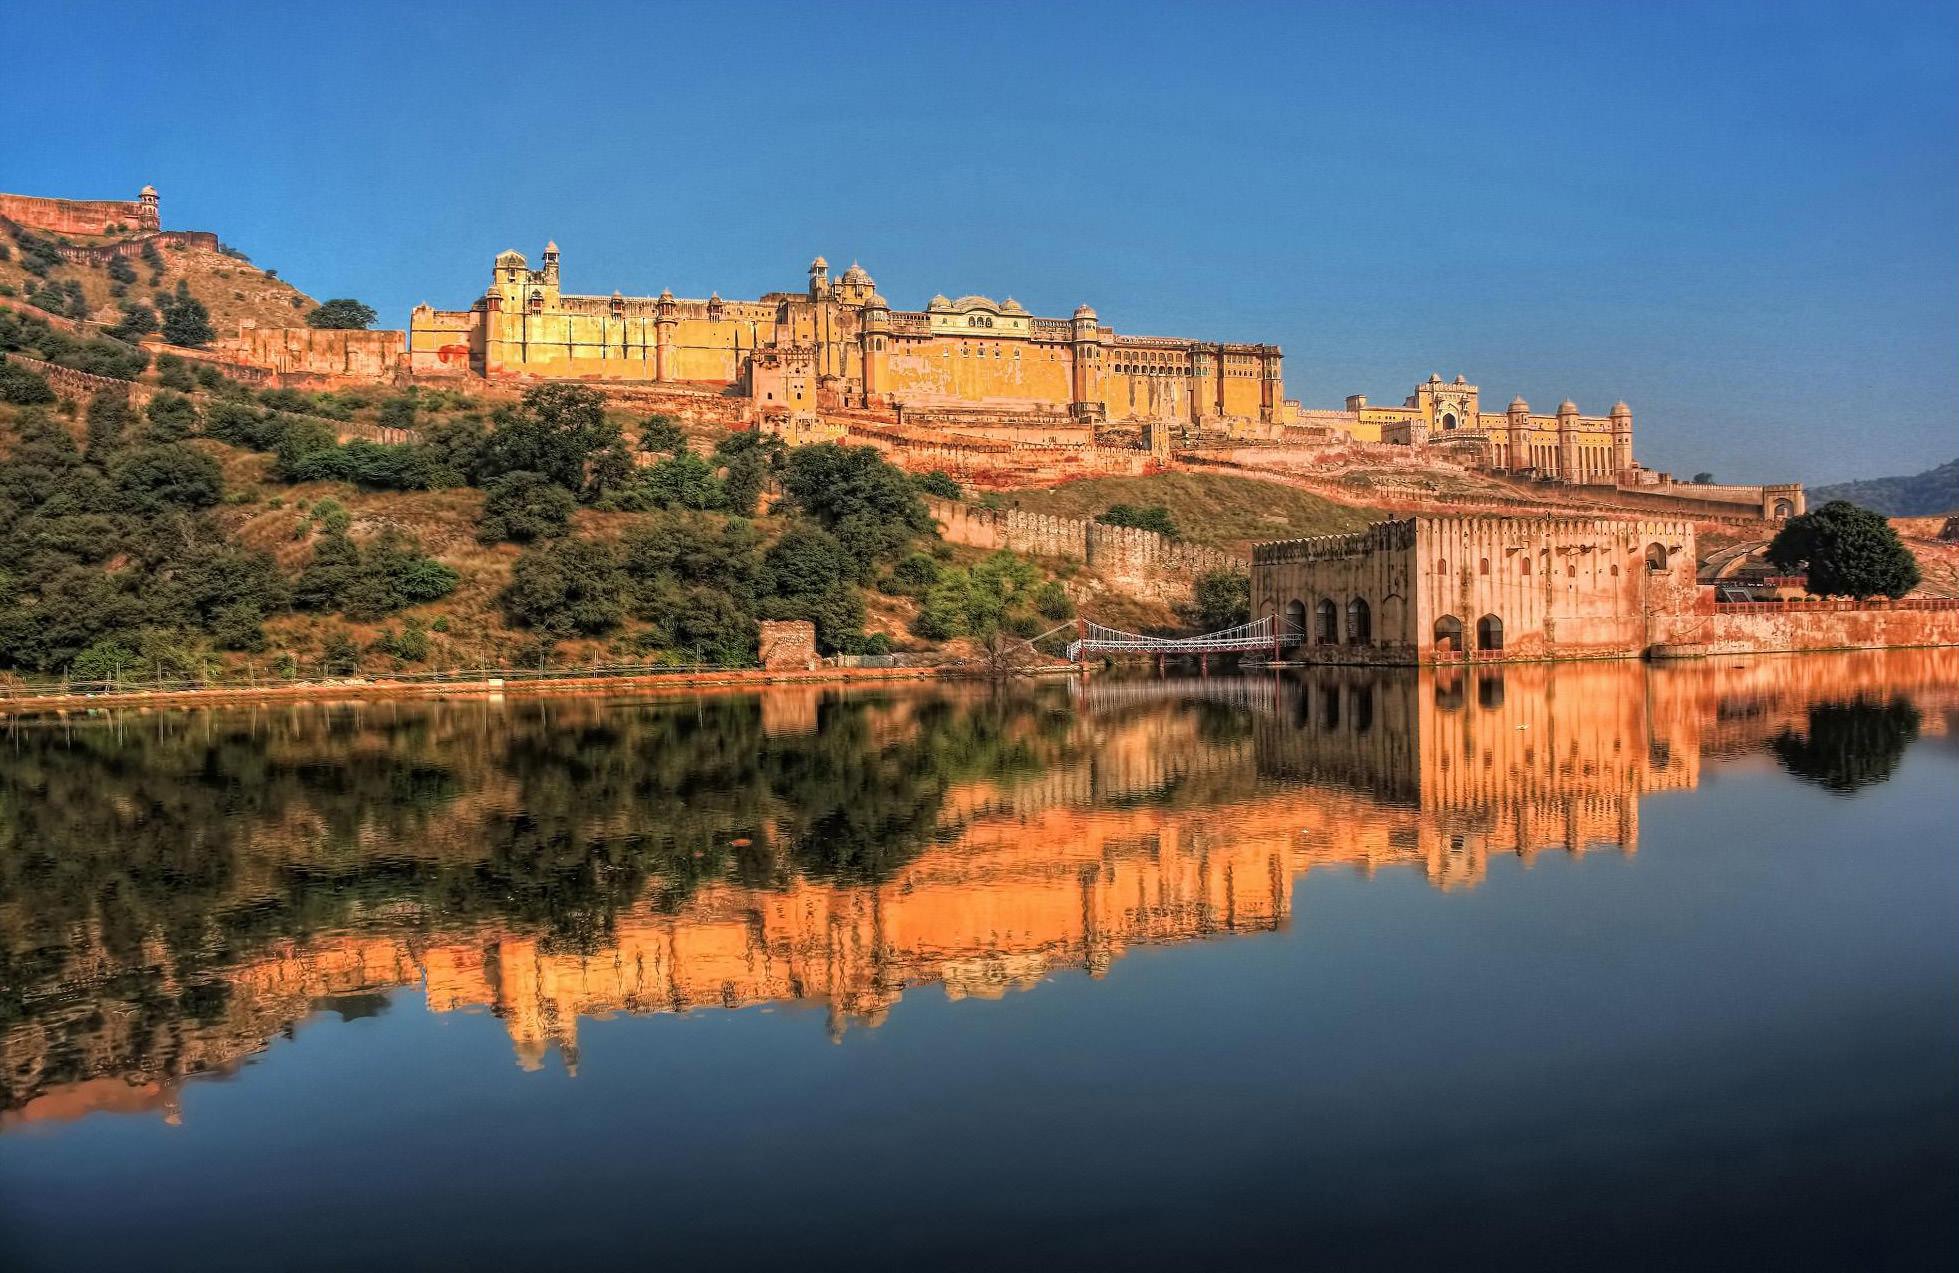 Amber Fort (Jaipur)